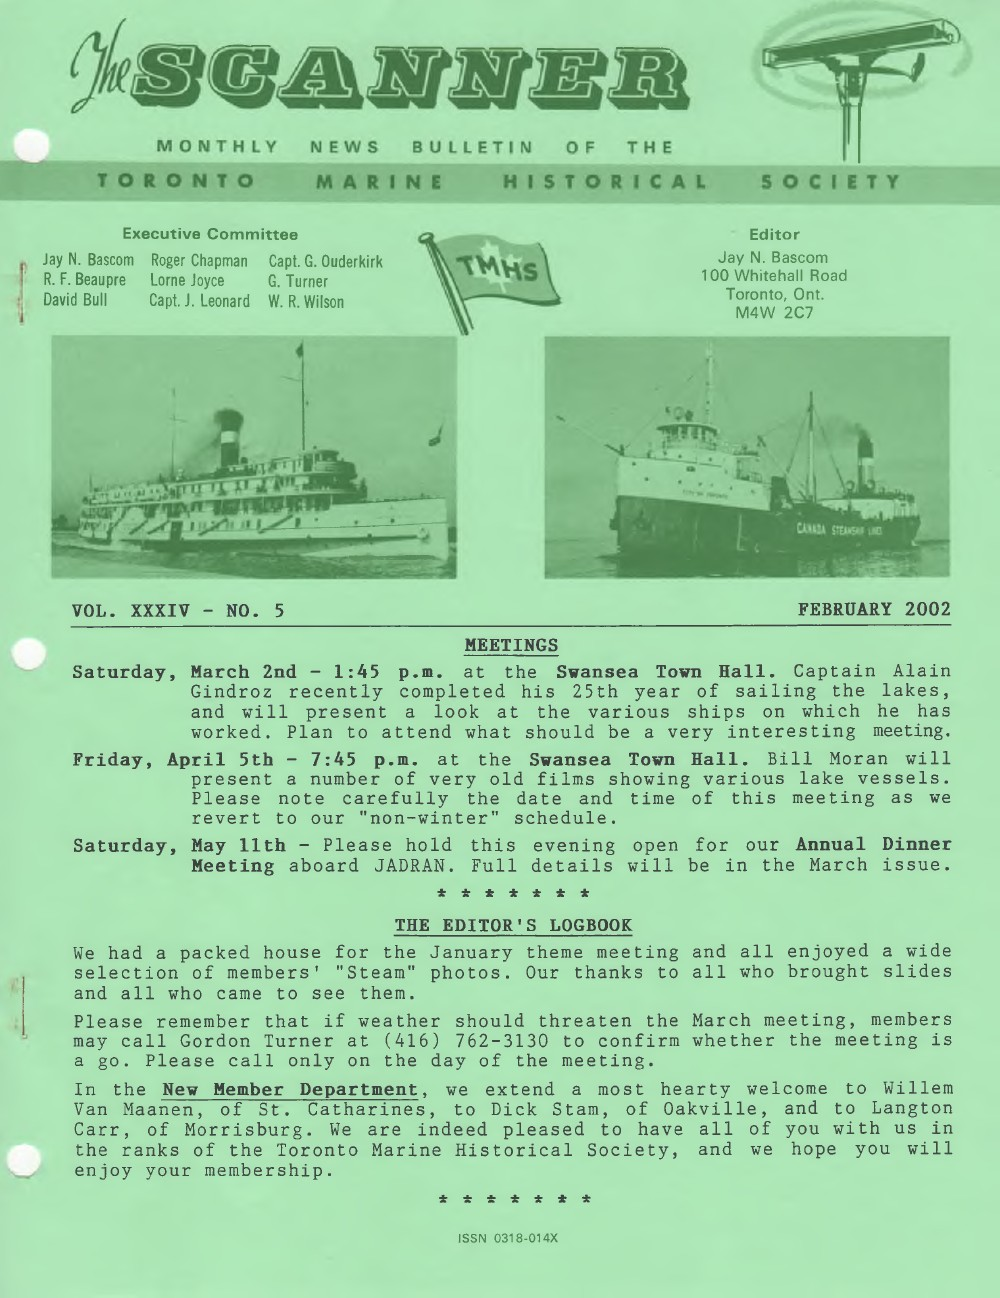 Scanner, v. 34, no. 5 (February 2002)